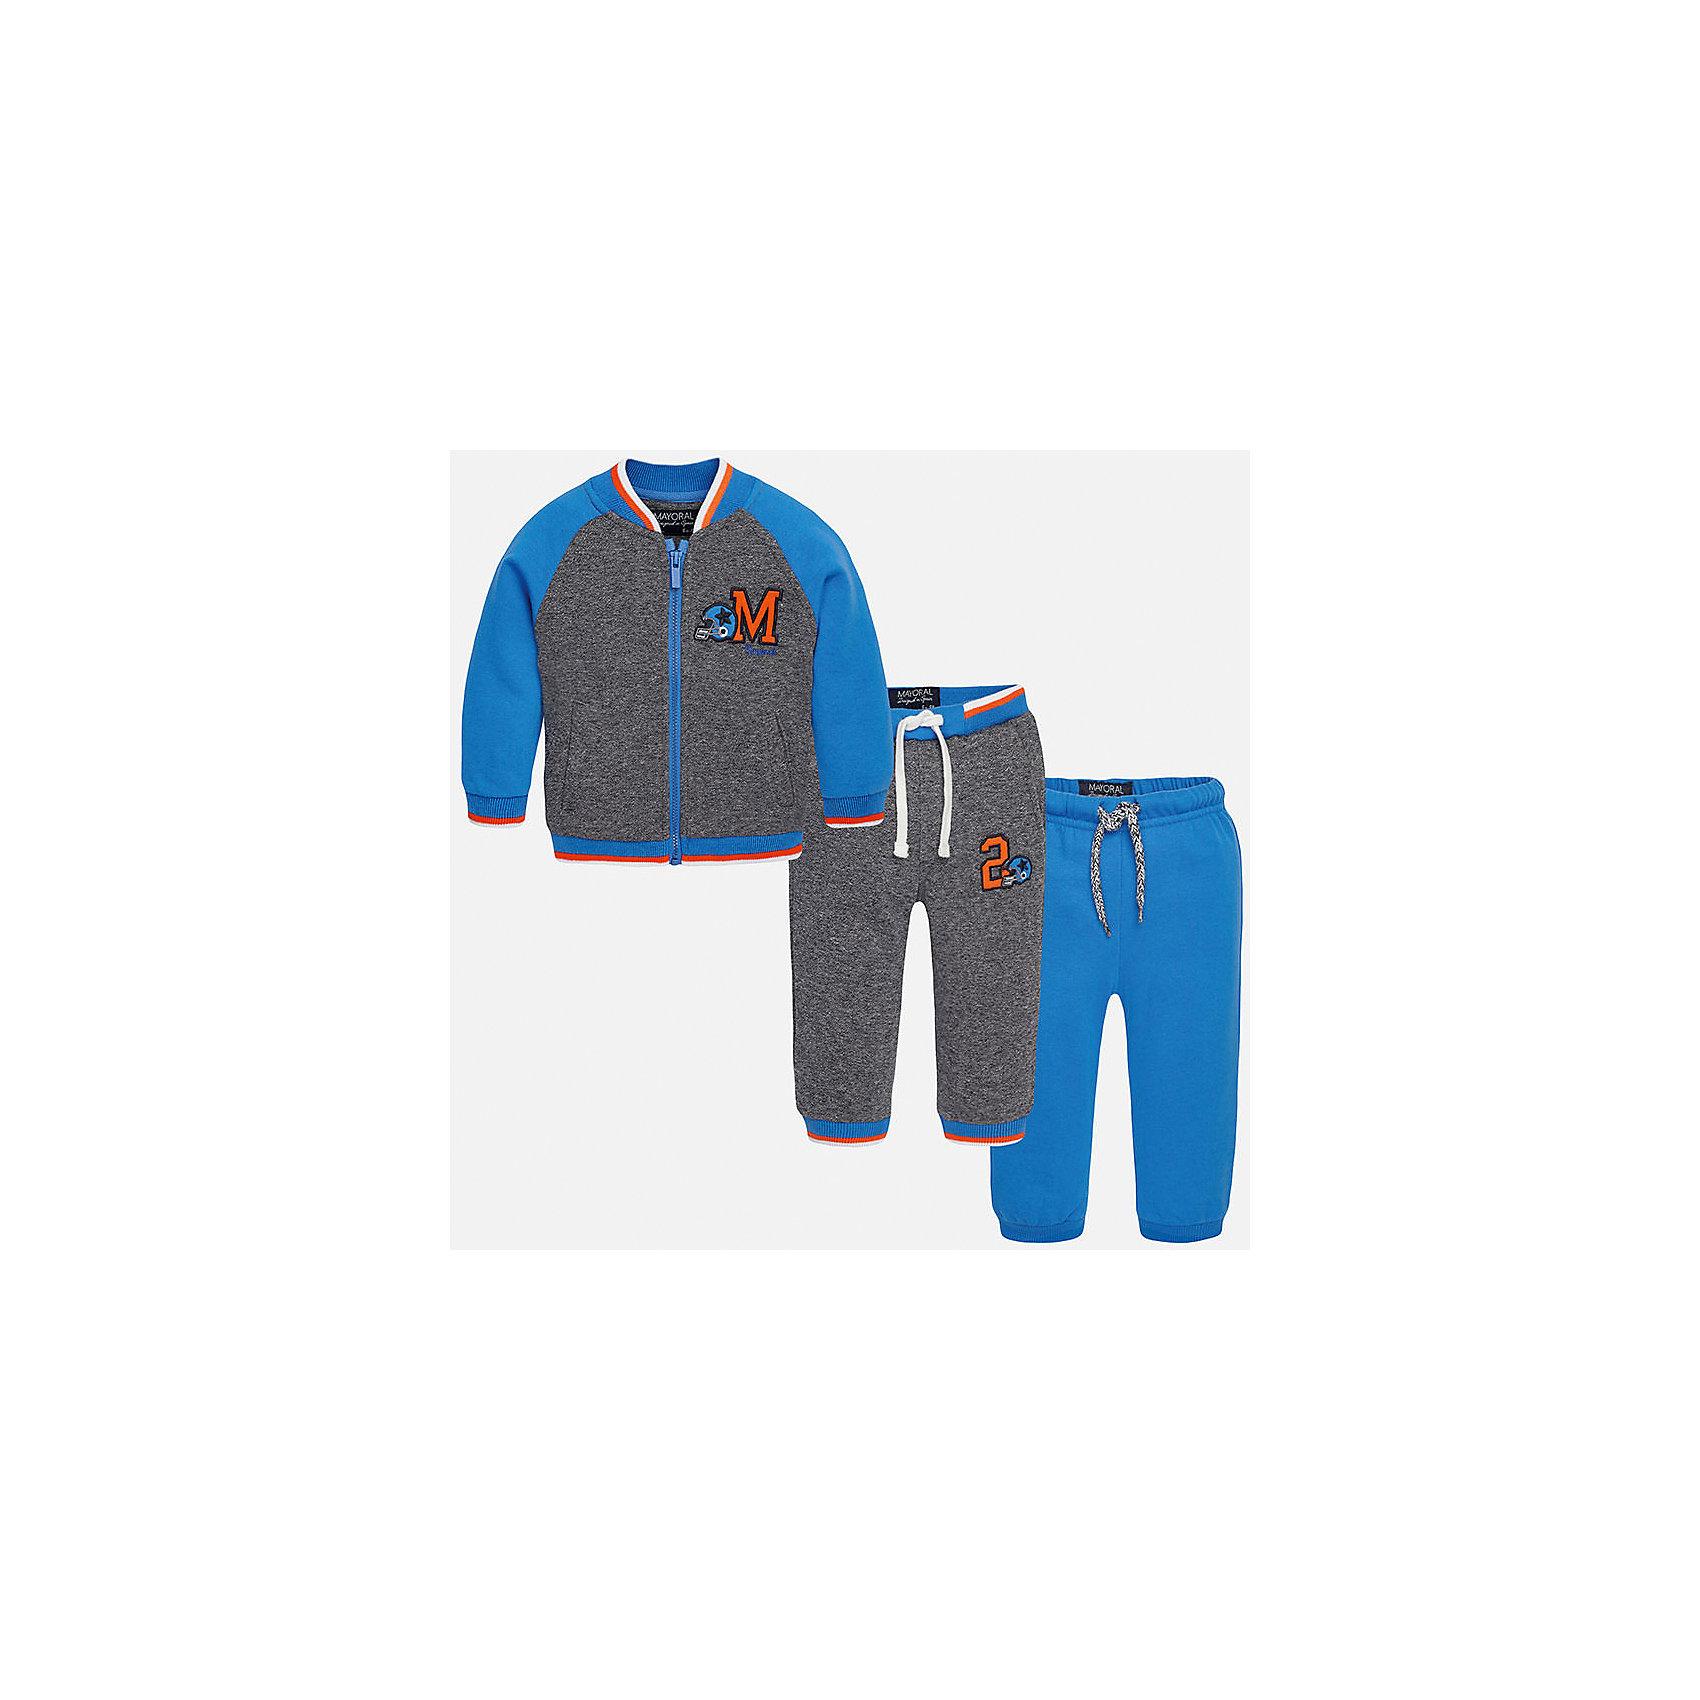 Спортивный костюм для мальчика MayoralСпортивный костюм для мальчика Mayoral (Майорал)<br>Теплый спортивный костюм для мальчика Mayoral от известной испанской марки Mayoral (Майорал) - прекрасный вариант для активного отдыха или повседневной носки. Изготовлен из натурального высококачественного хлопкового трикотажа с добавлением синтетического волокна. Мягкая ткань, не вытягивается, не сковывает движения. Толстовка имеет два боковых кармана,  низ и манжеты на резинке, застегивается на молнию, декорирована контрастной отделкой внизу, на горловине, манжетах и яркой аппликацией с вышивкой. Брюки скроены с учётом всех важных особенностей строения детской фигуры. Внизу брюк предусмотрены манжеты. Надежную фиксацию обеспечивает шнурок-завязка на поясе, пропущенная через внутренний шов.<br><br>Дополнительная информация:<br><br>- Комплектация: толстовка, спортивные брюки 2 шт.<br>- Цвет: голубой, серый<br>- Состав: 60% хлопок, 40% полиэстер<br>- Уход за вещами: бережная стирка при 30 градусах<br><br>Спортивный костюм для мальчика Mayoral (Майорал) можно купить в нашем интернет-магазине.<br><br>Ширина мм: 247<br>Глубина мм: 16<br>Высота мм: 140<br>Вес г: 225<br>Цвет: синий<br>Возраст от месяцев: 6<br>Возраст до месяцев: 9<br>Пол: Мужской<br>Возраст: Детский<br>Размер: 74,92,80,86<br>SKU: 4820777